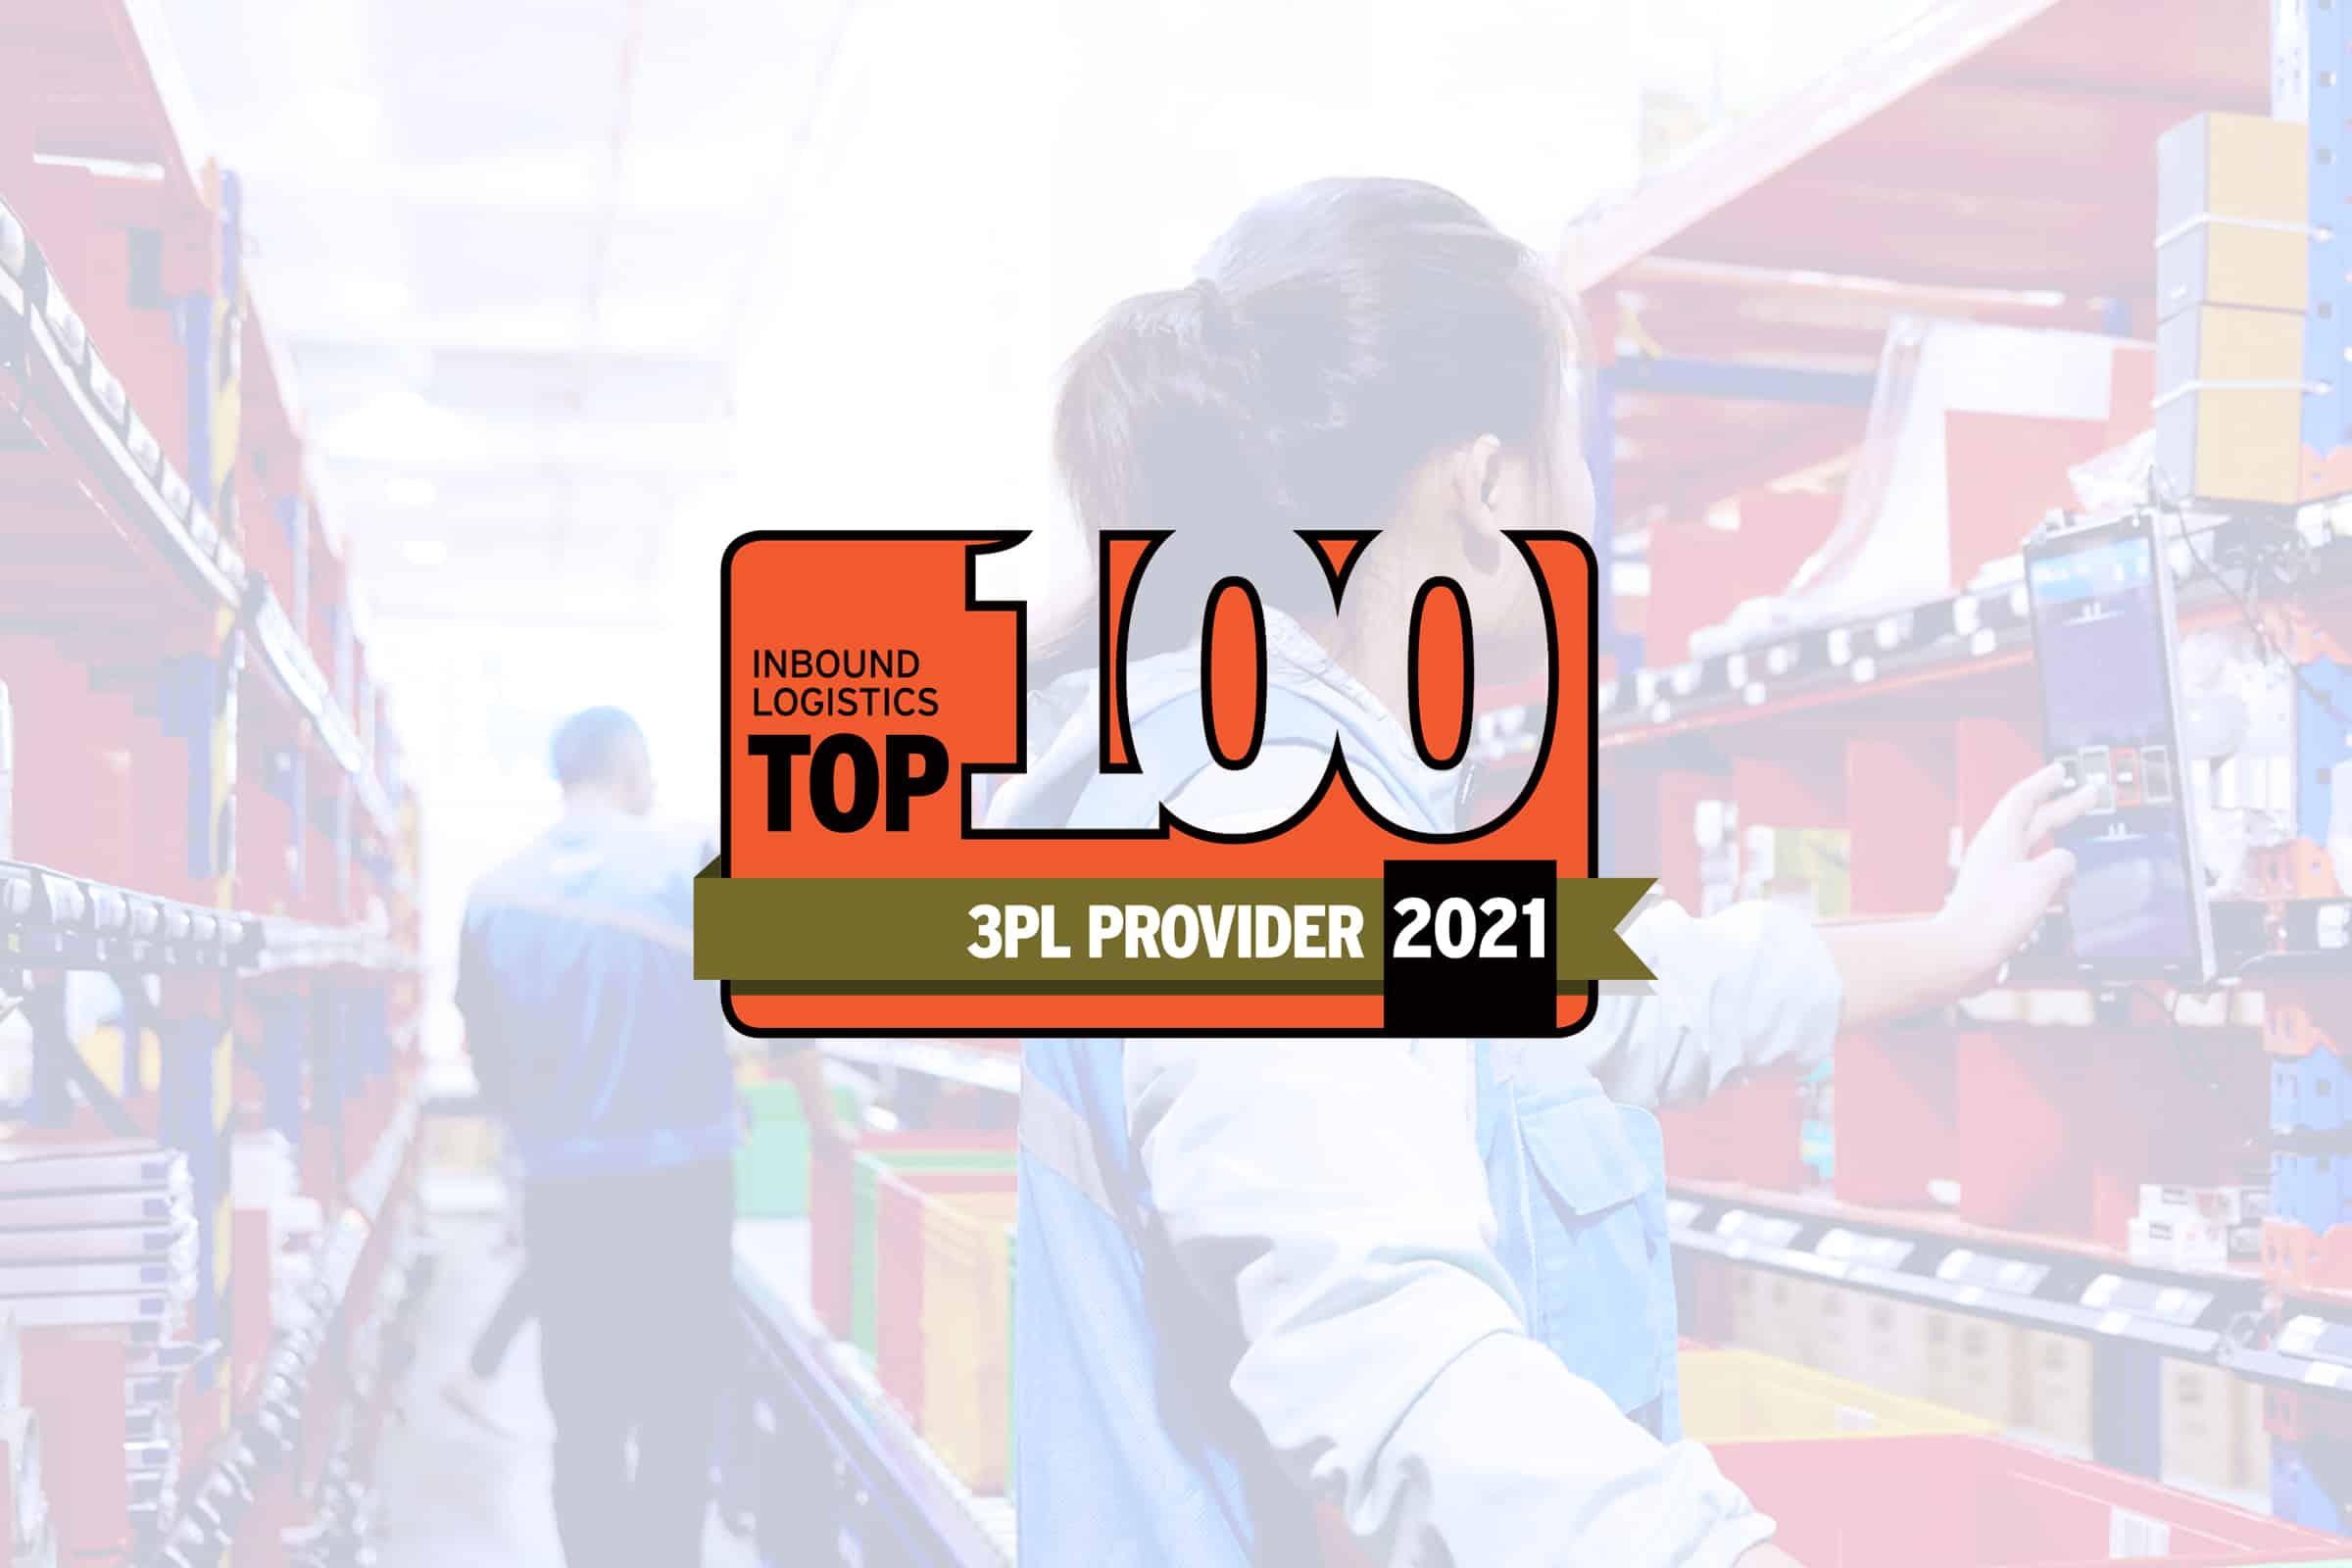 cj logistics america, top 100 3pl, 3pl, cj logistics